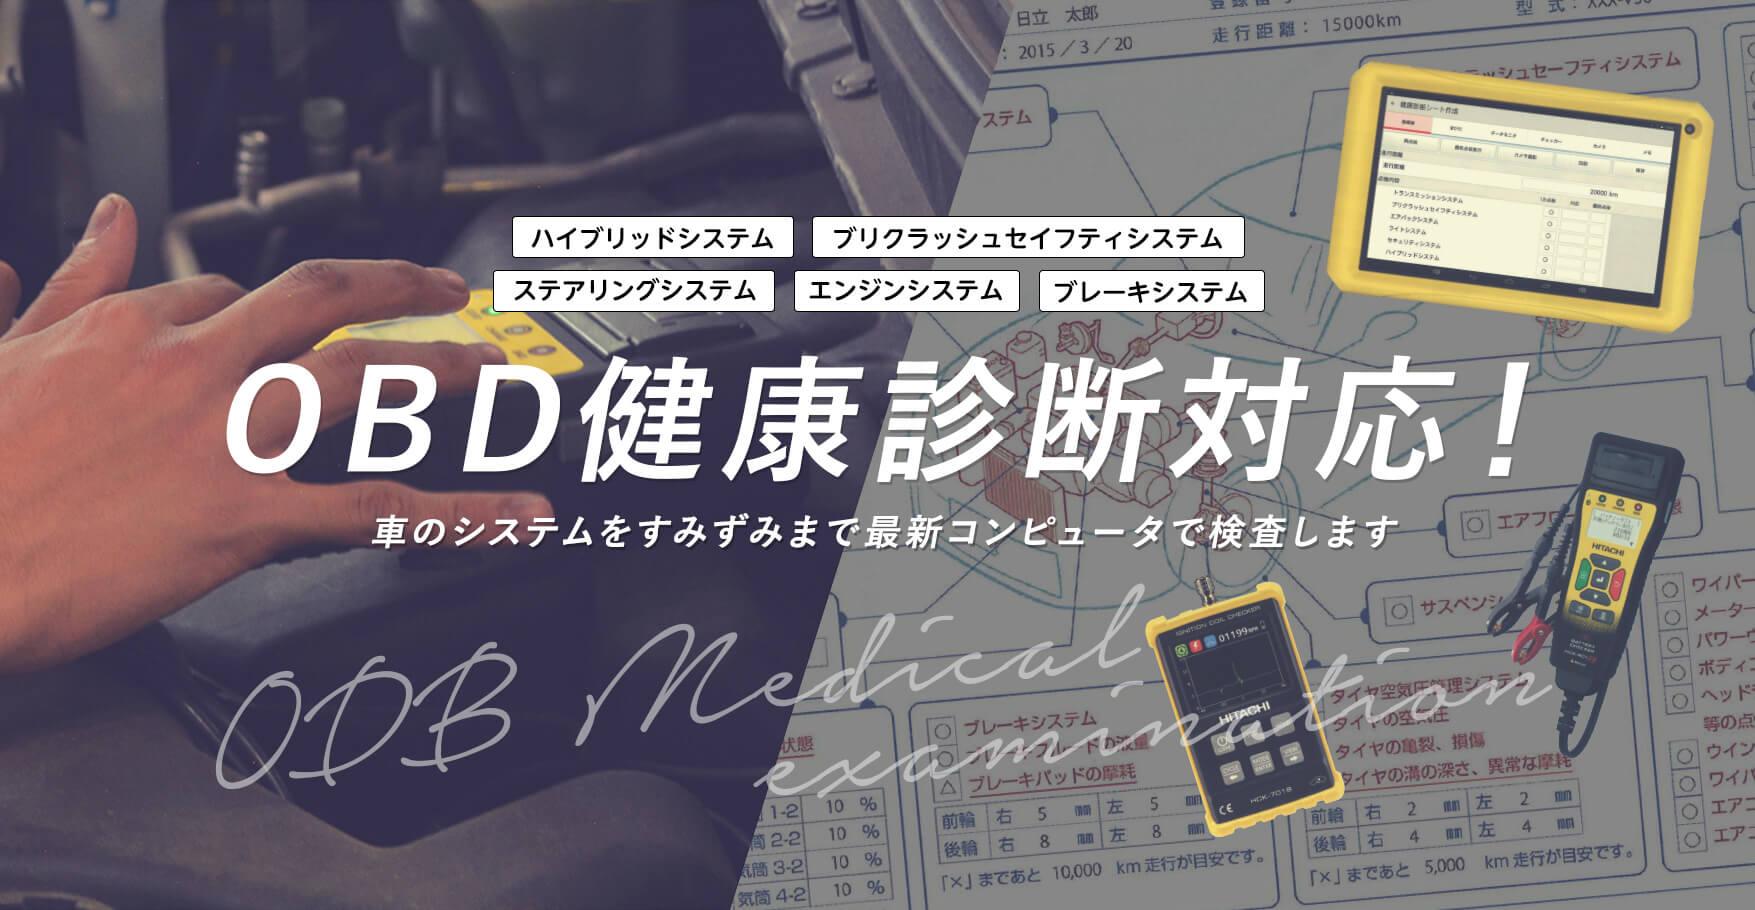 OBD健康診断対応!